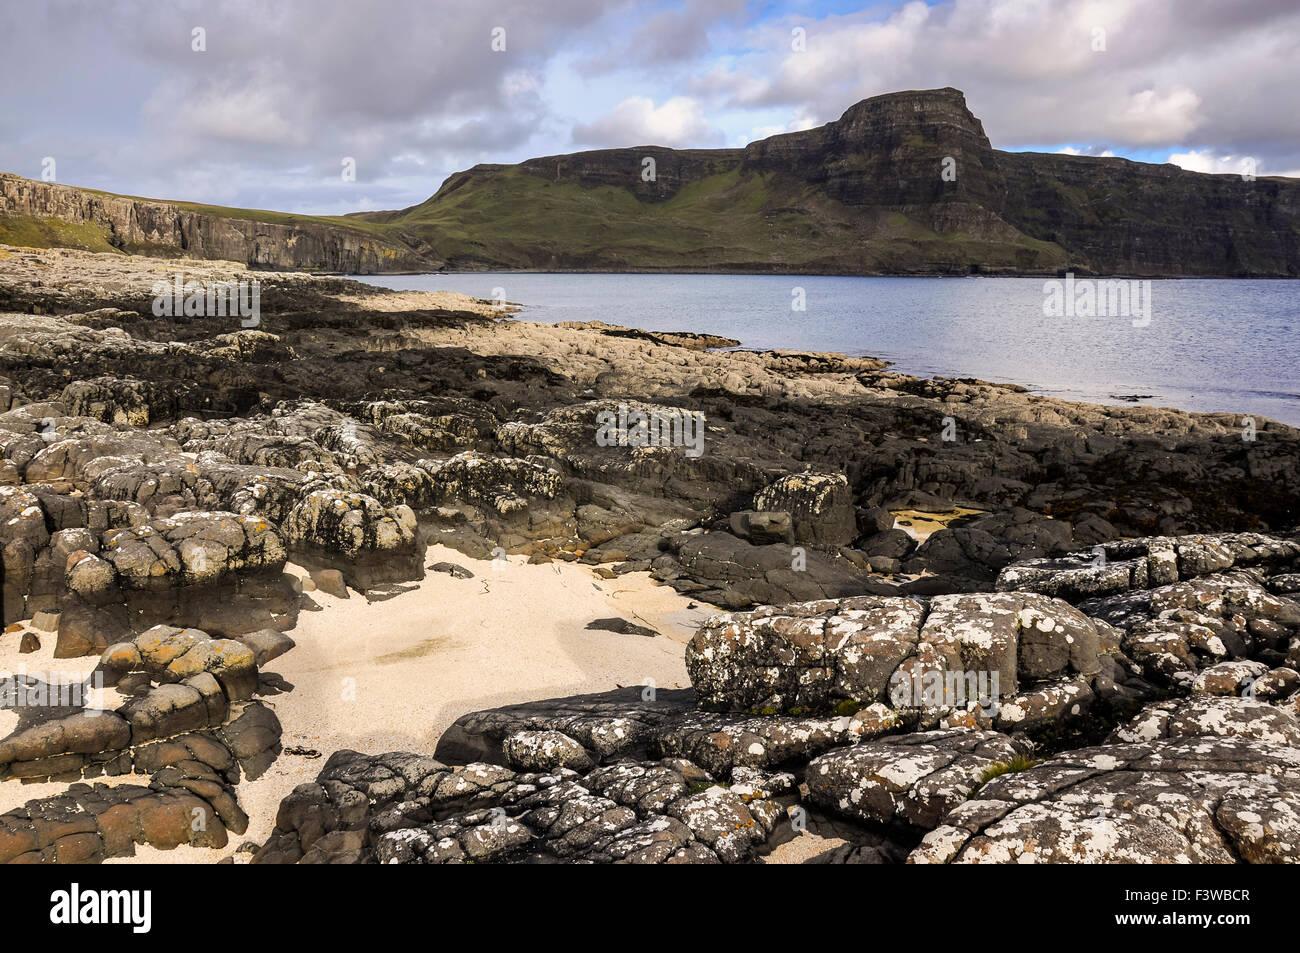 Waterstein Head en la Isla de Skye, Escocia. Una pequeña playa con arena pálido en primer plano. Foto de stock